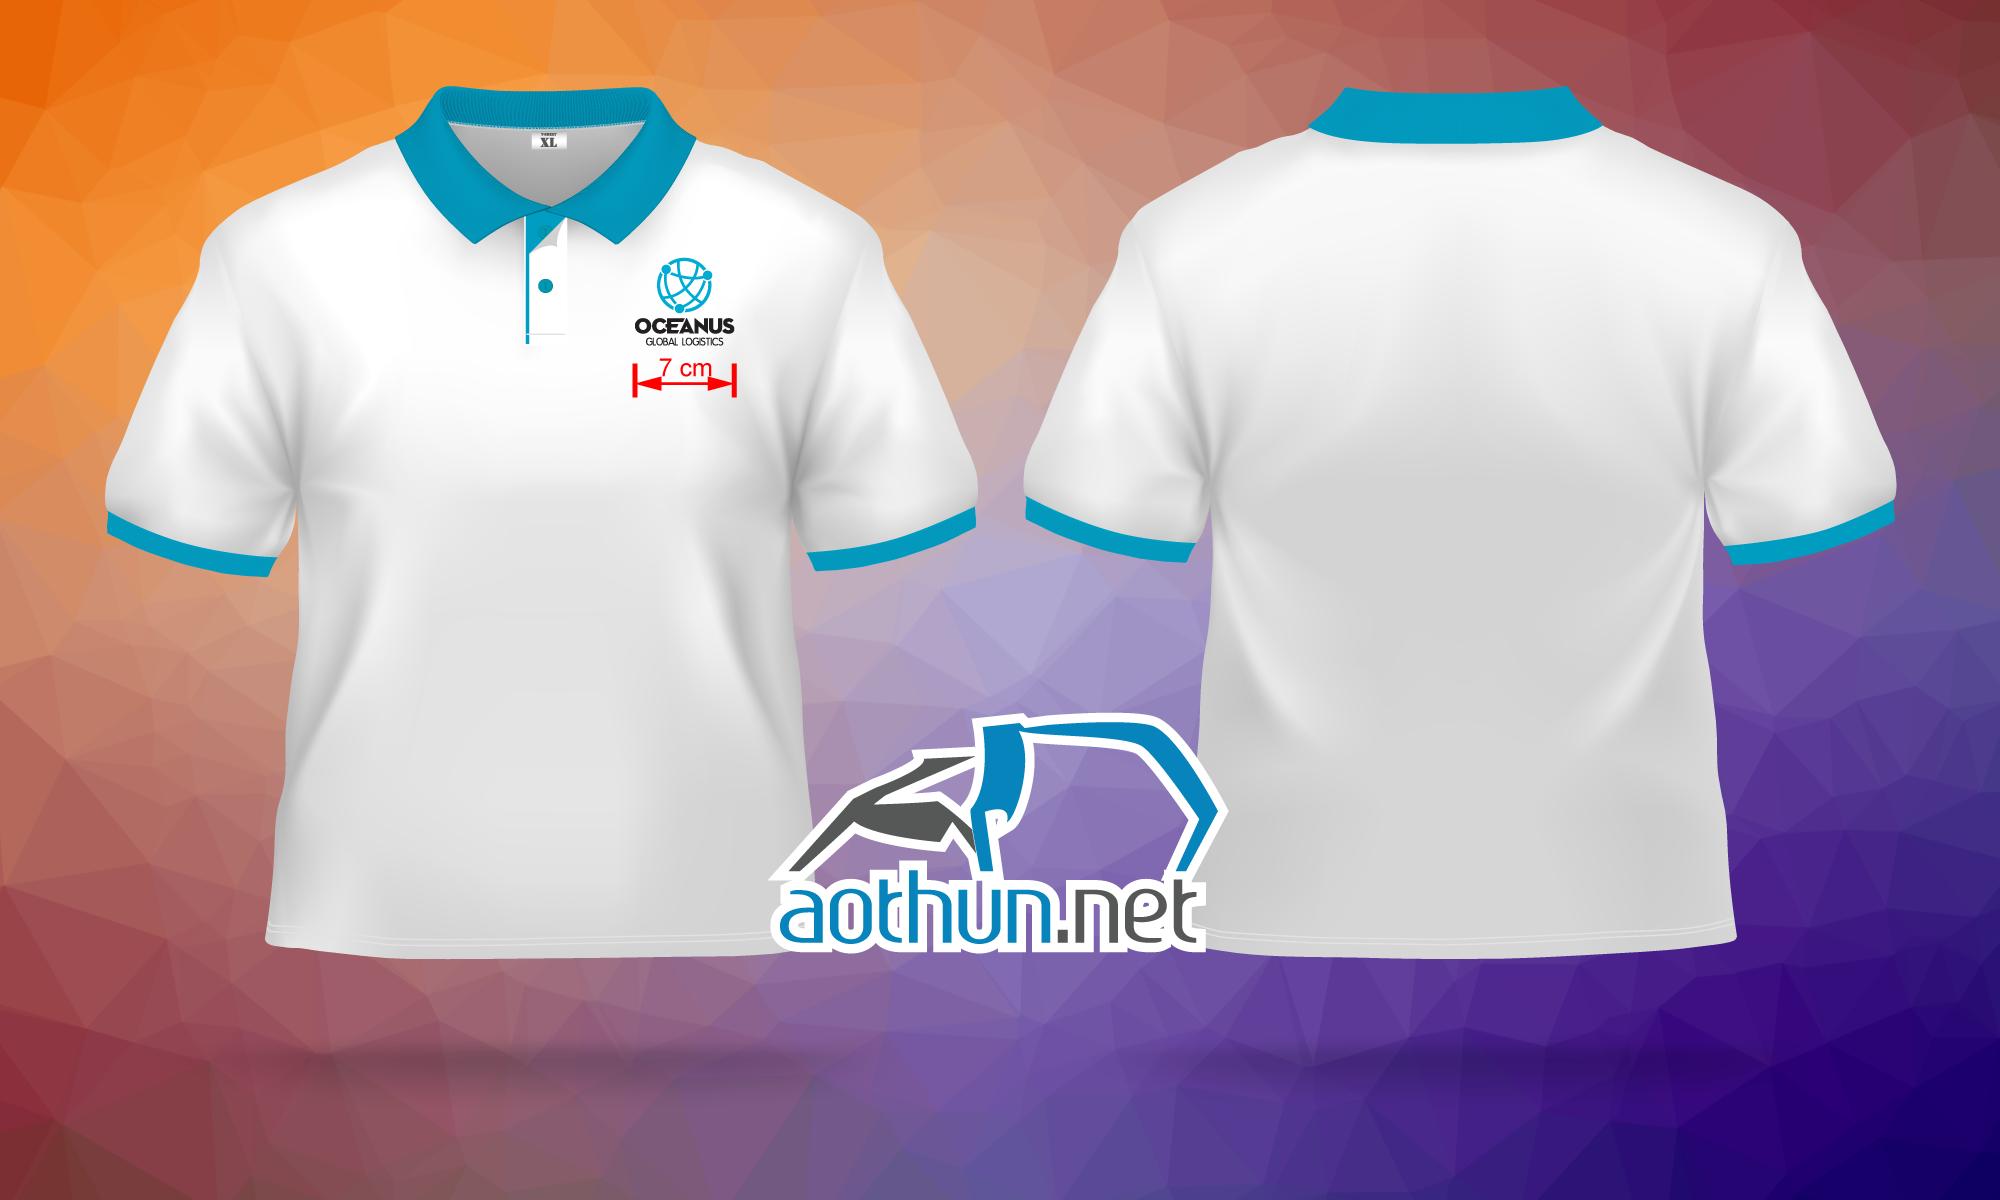 In áo thun đồng phục chất lượng cao giá tốt cho Công Ty Oceanus tại Quận 4